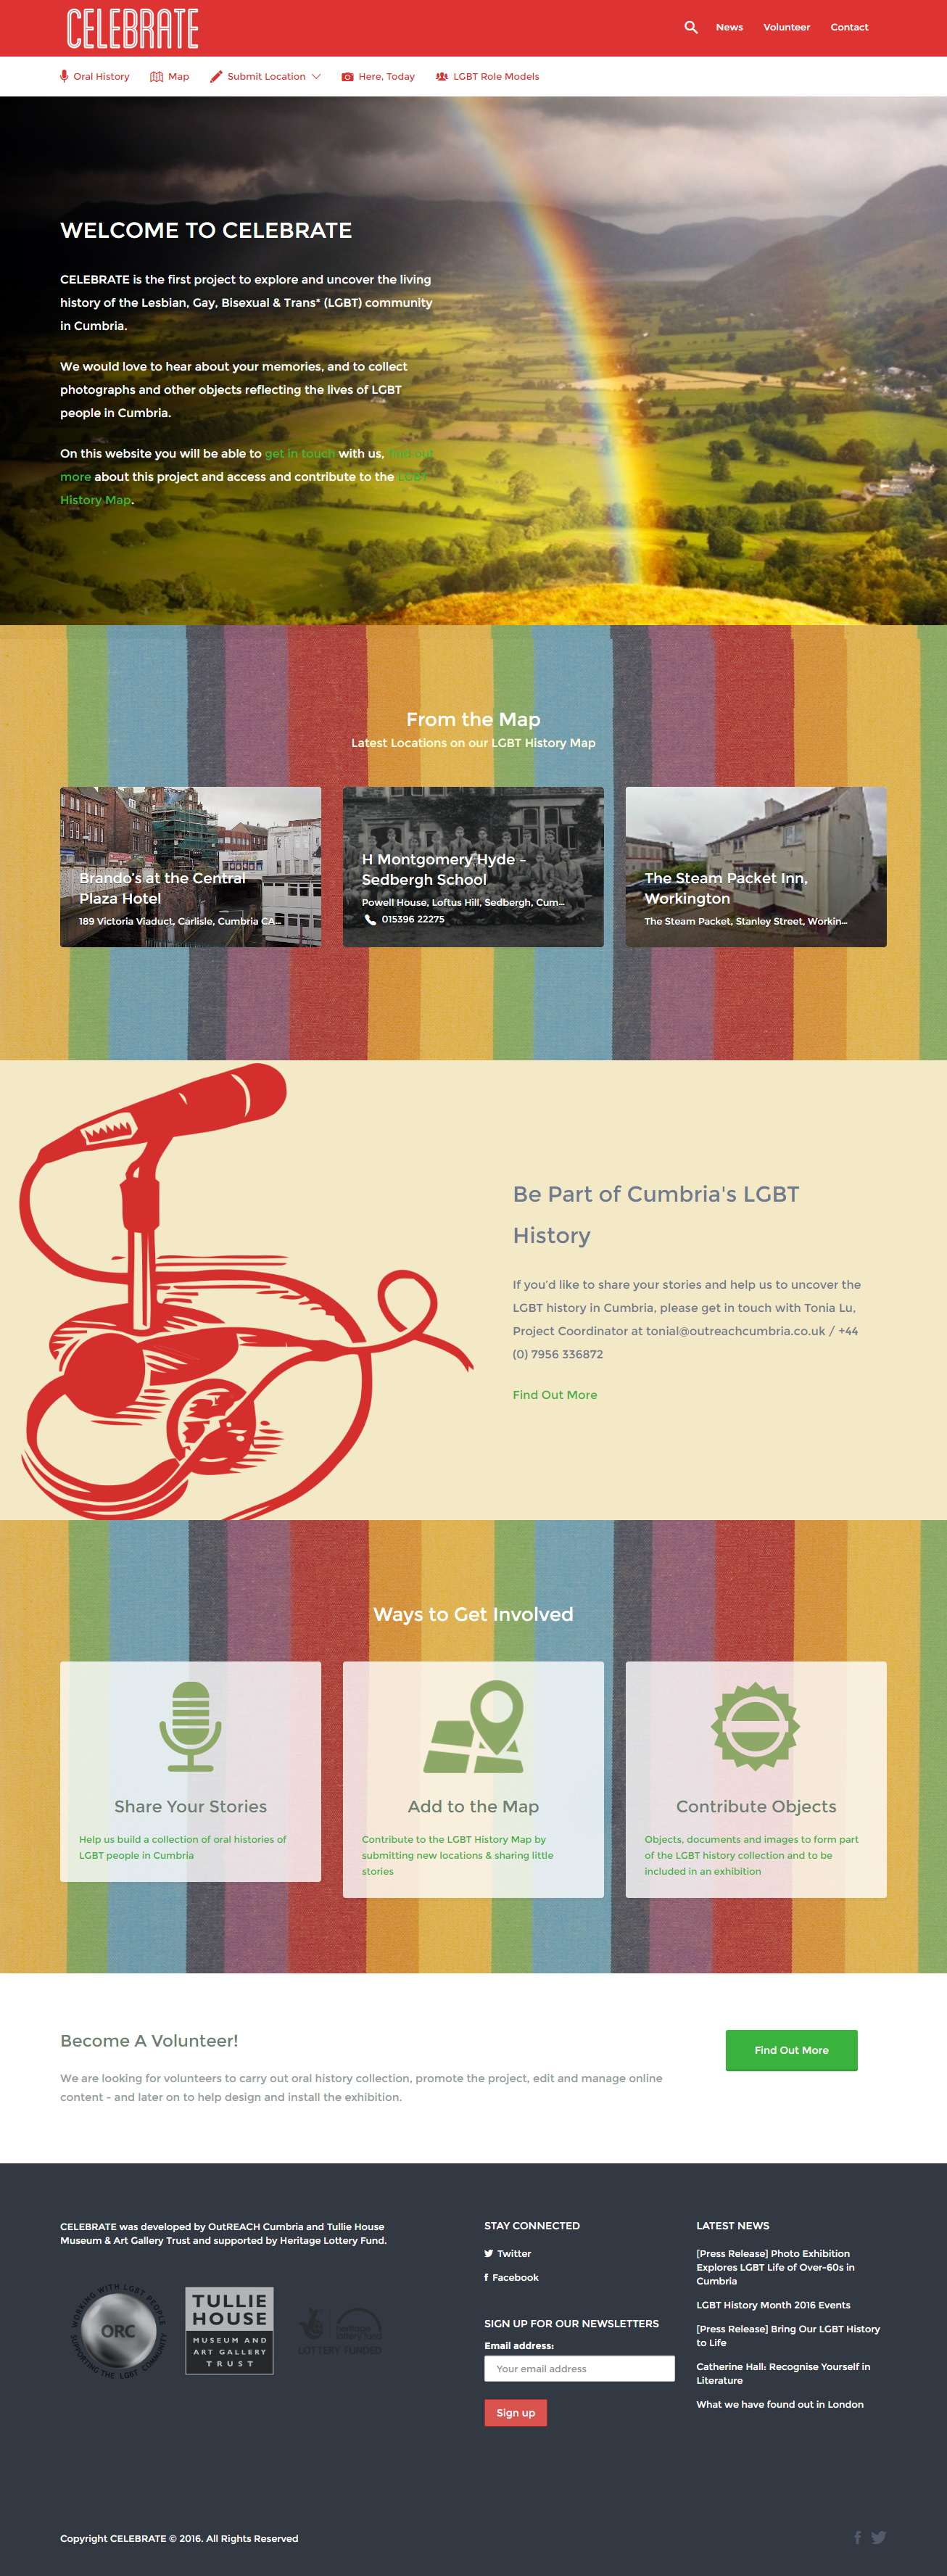 CELEBRATE  LGBT History in Cumbria